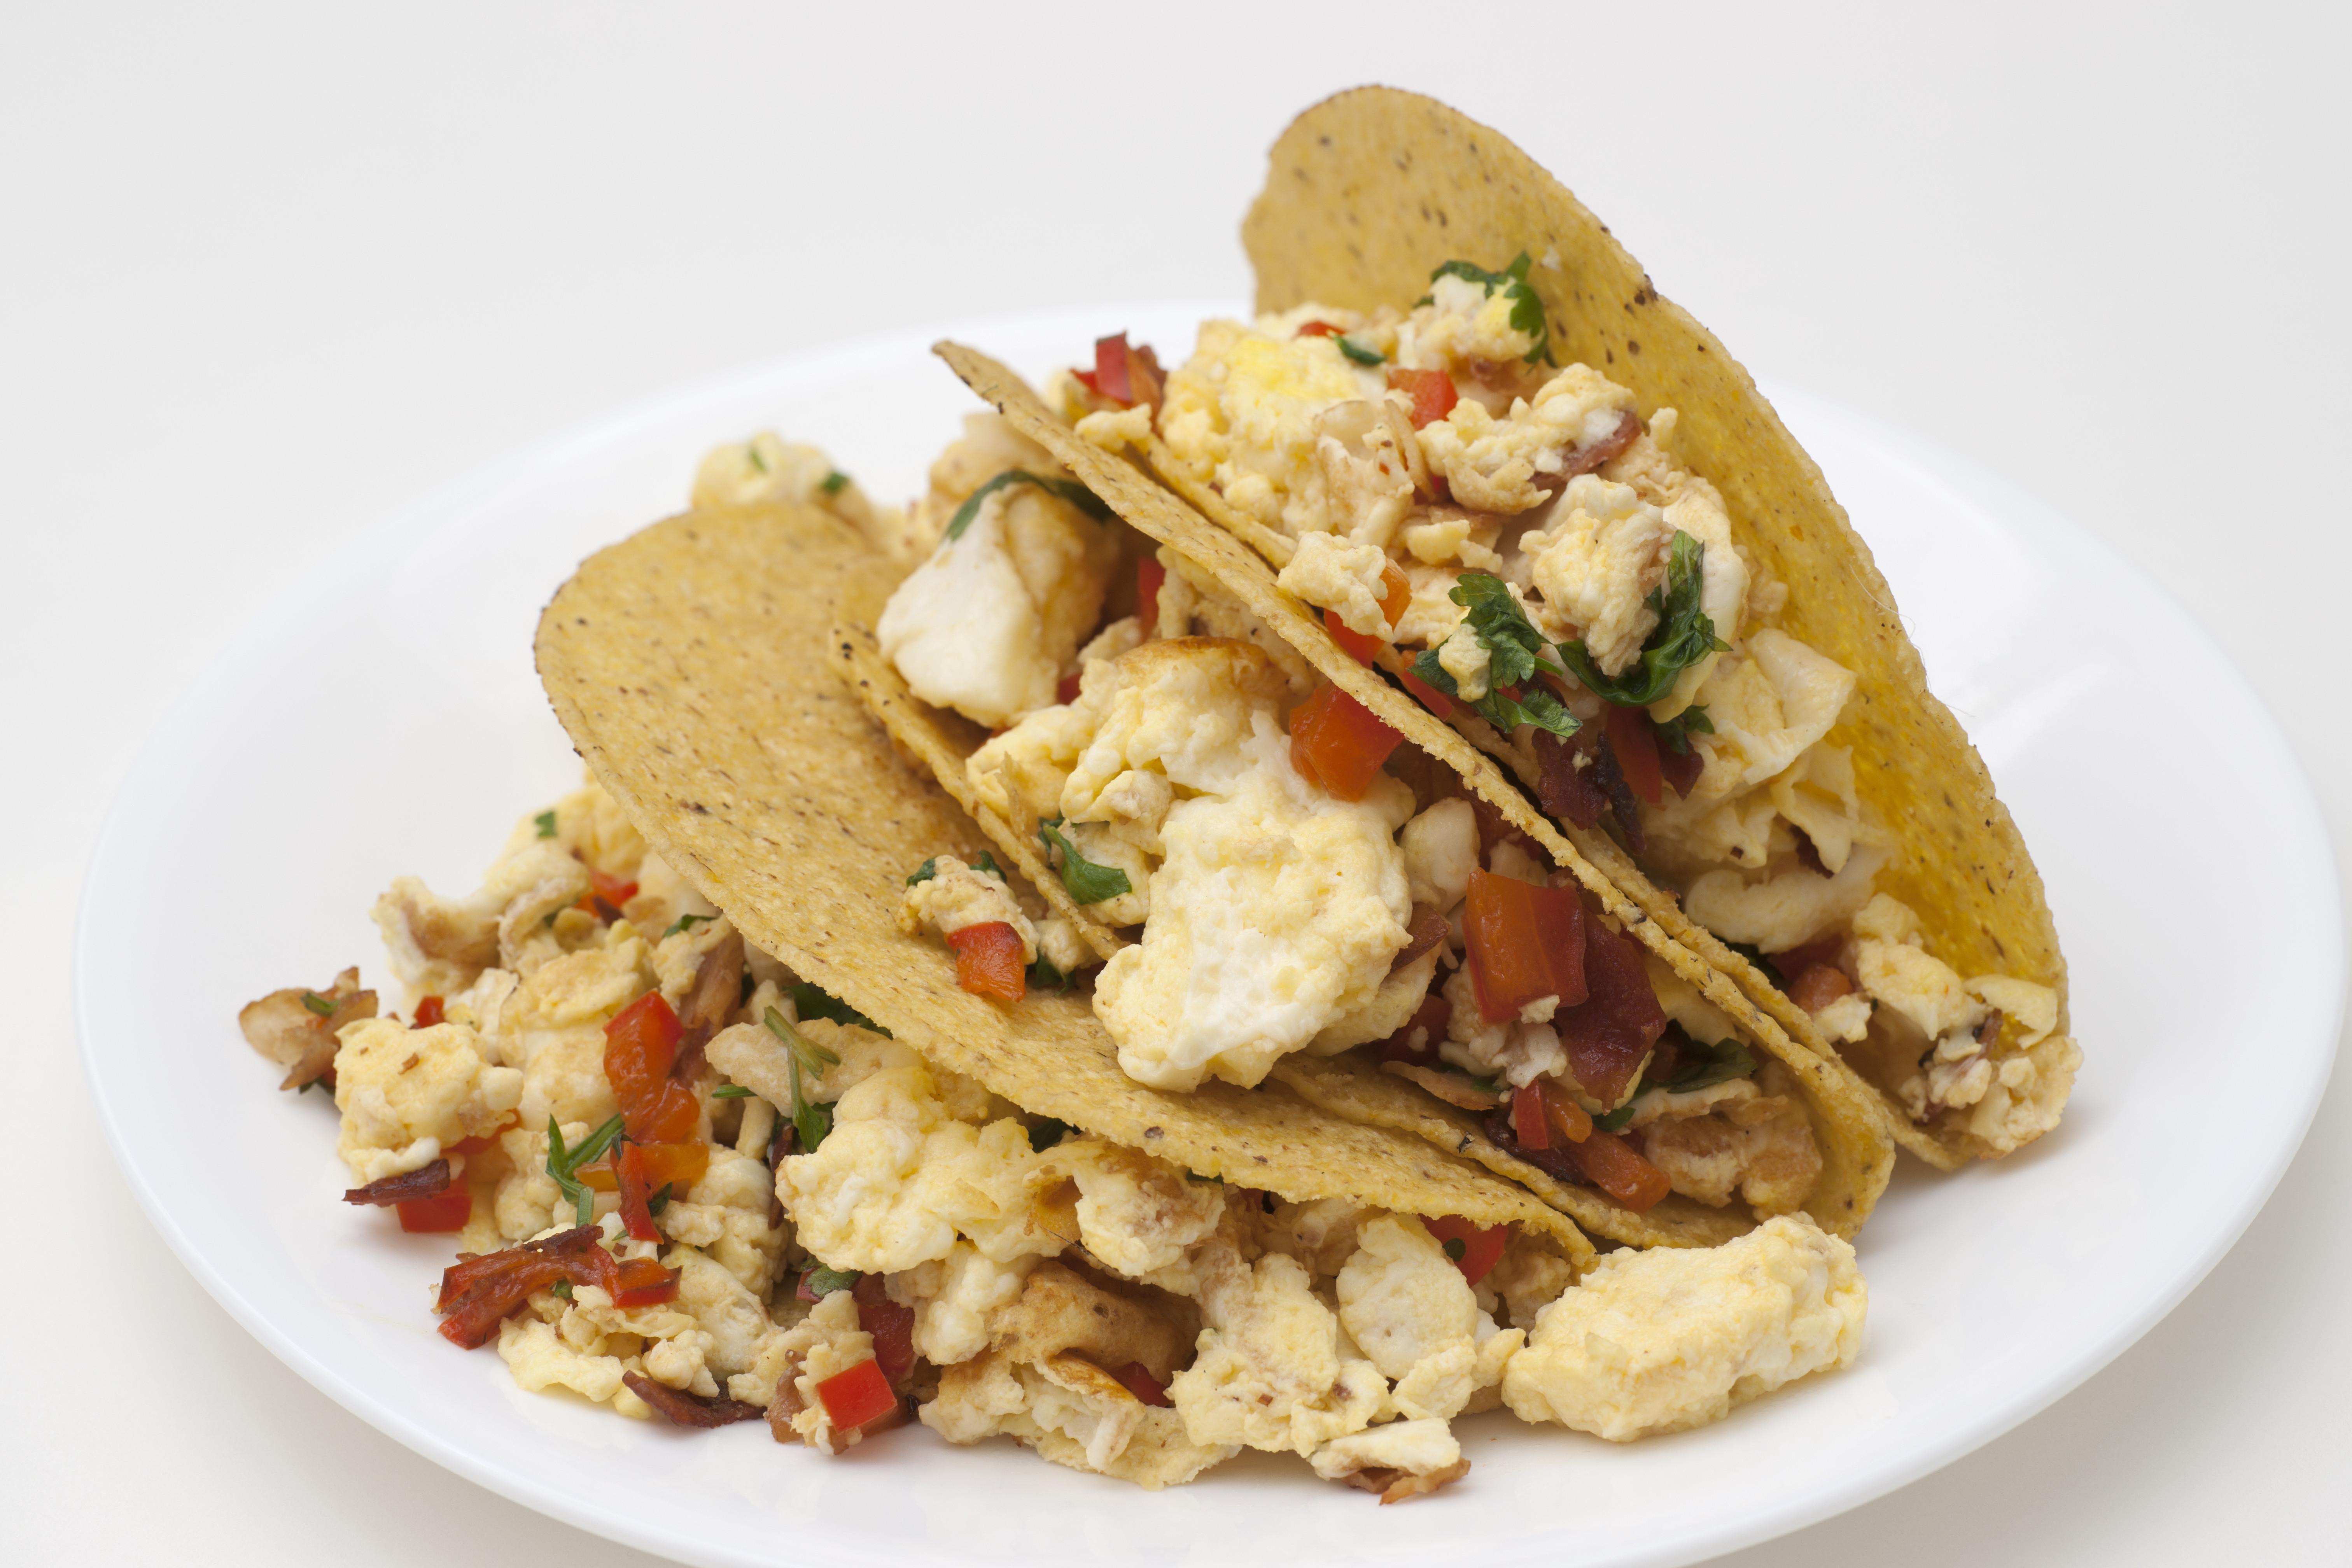 High Fibre Breakfast Cereals  High Protein & High Fibre Cereal Recipes — Dishmaps